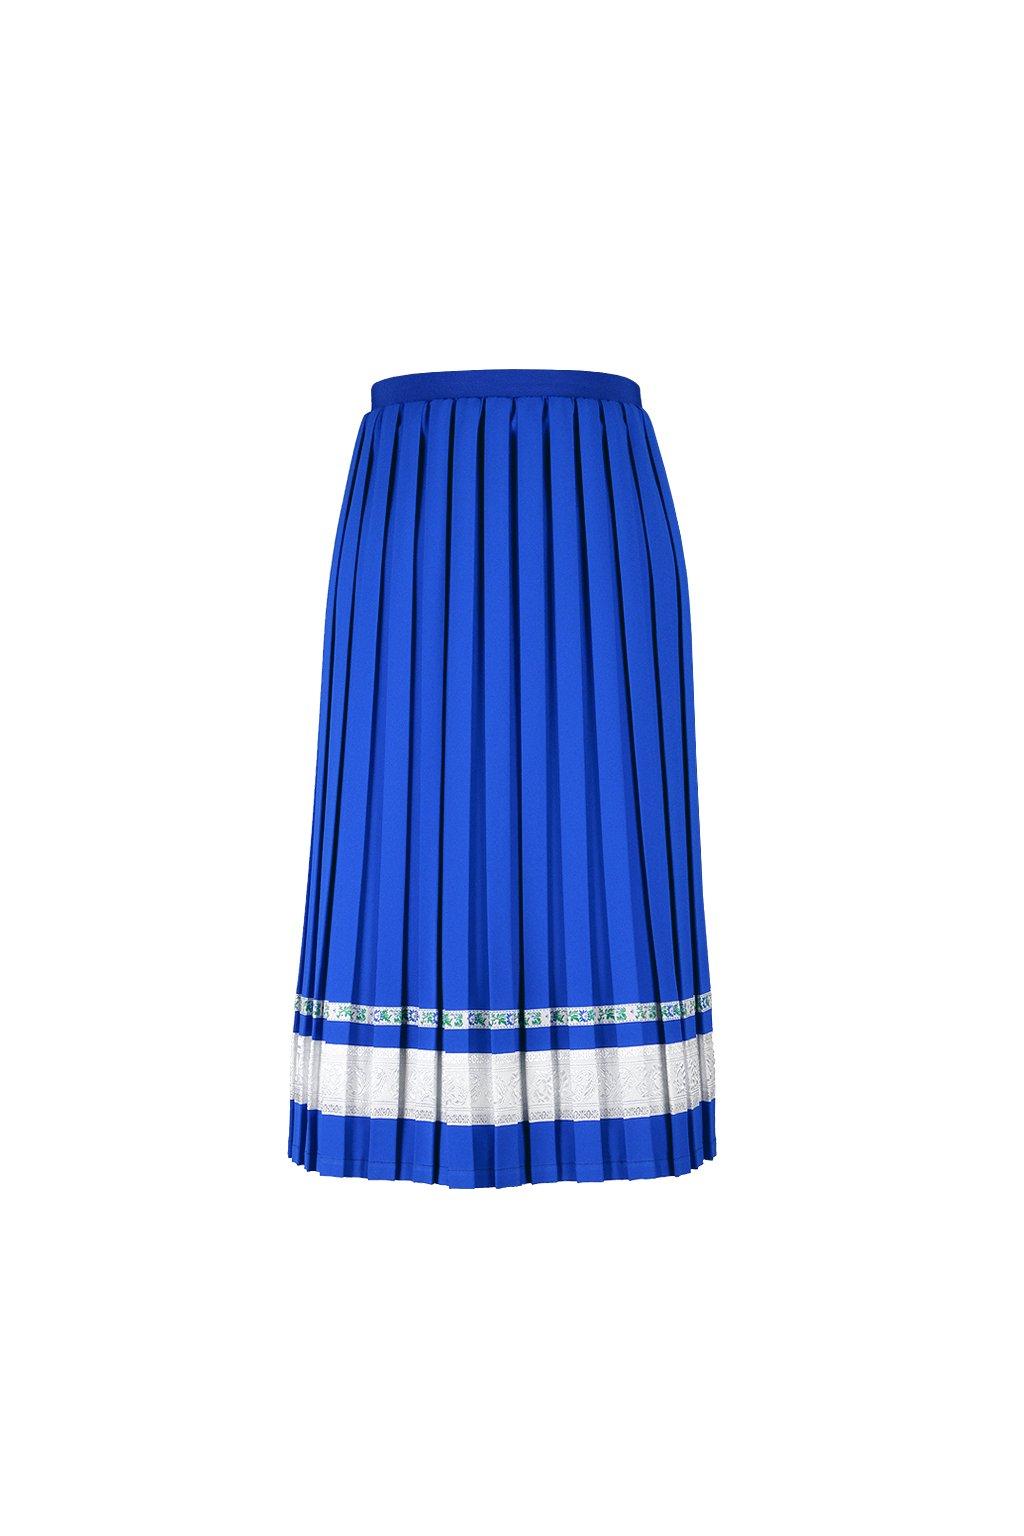 a13650868d7f CASUAL plisovaná sukňa parížská modrá - JANKIV SIBLINGS